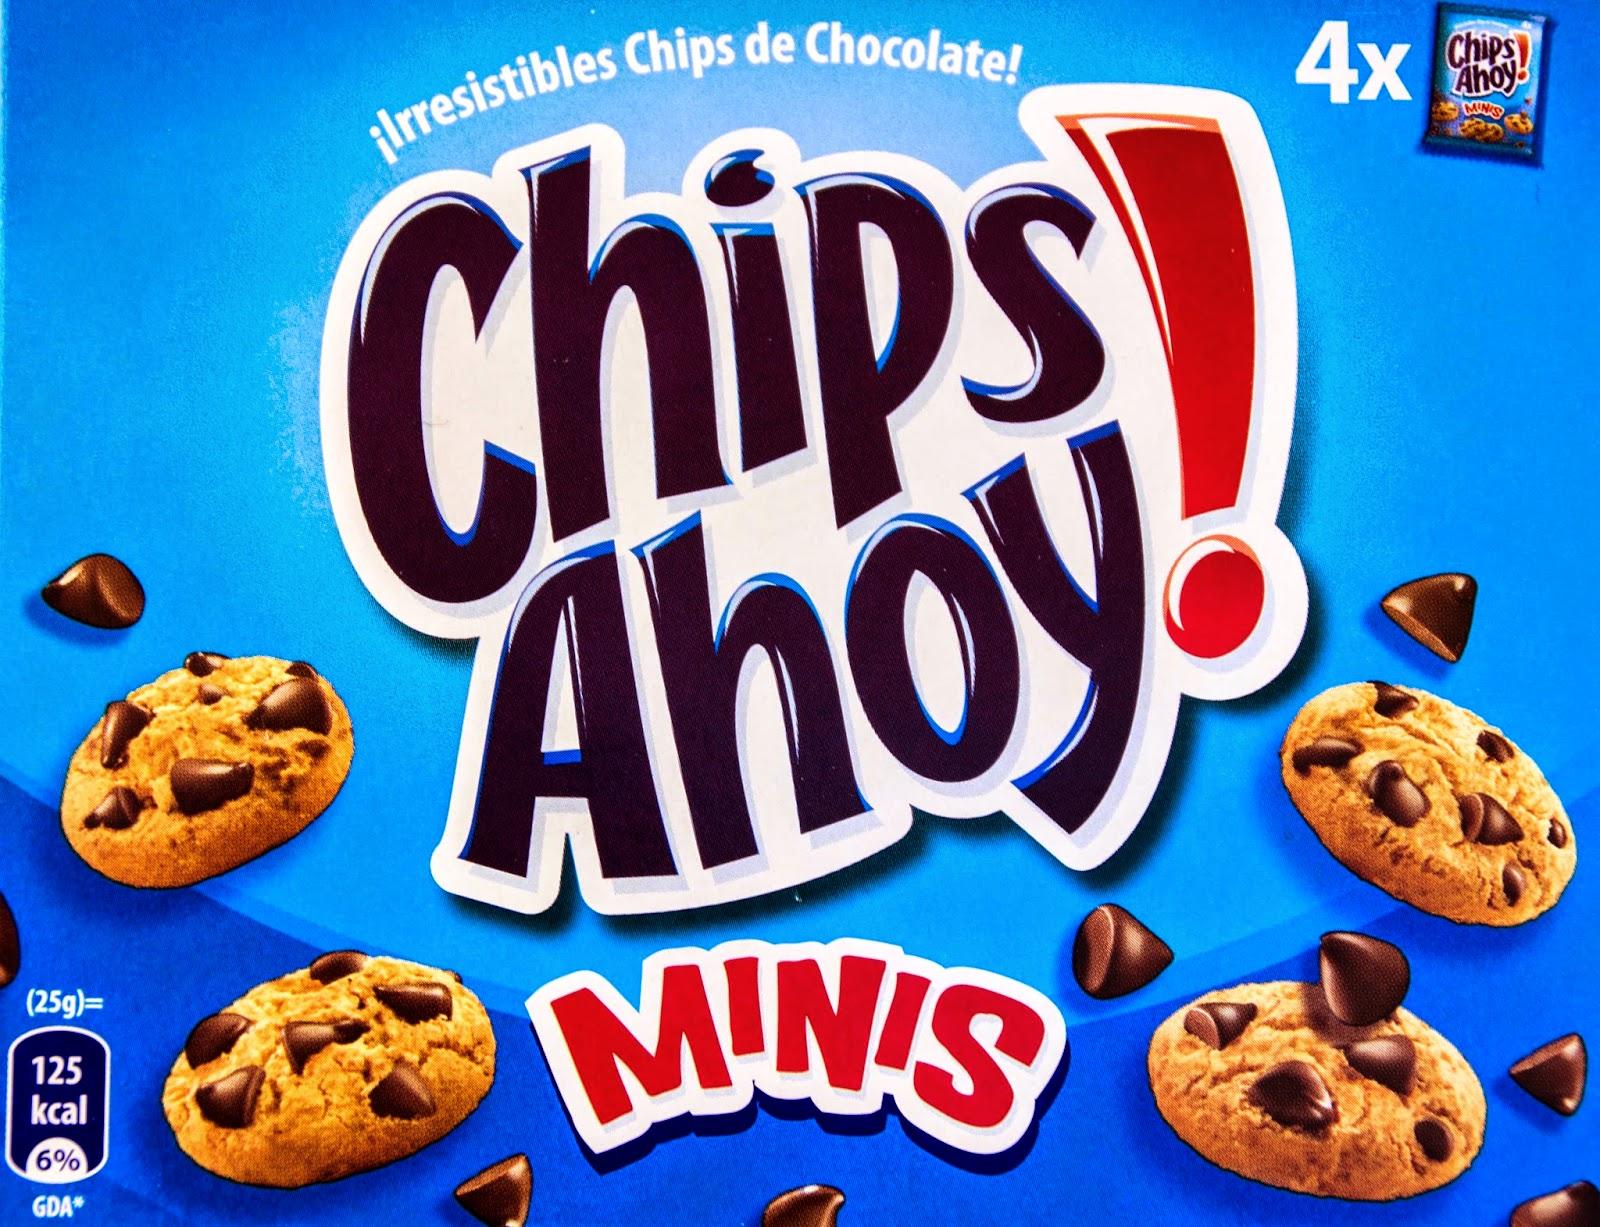 T eliges lo que comes galletitas de chocolate y las for Bascula cocina lidl